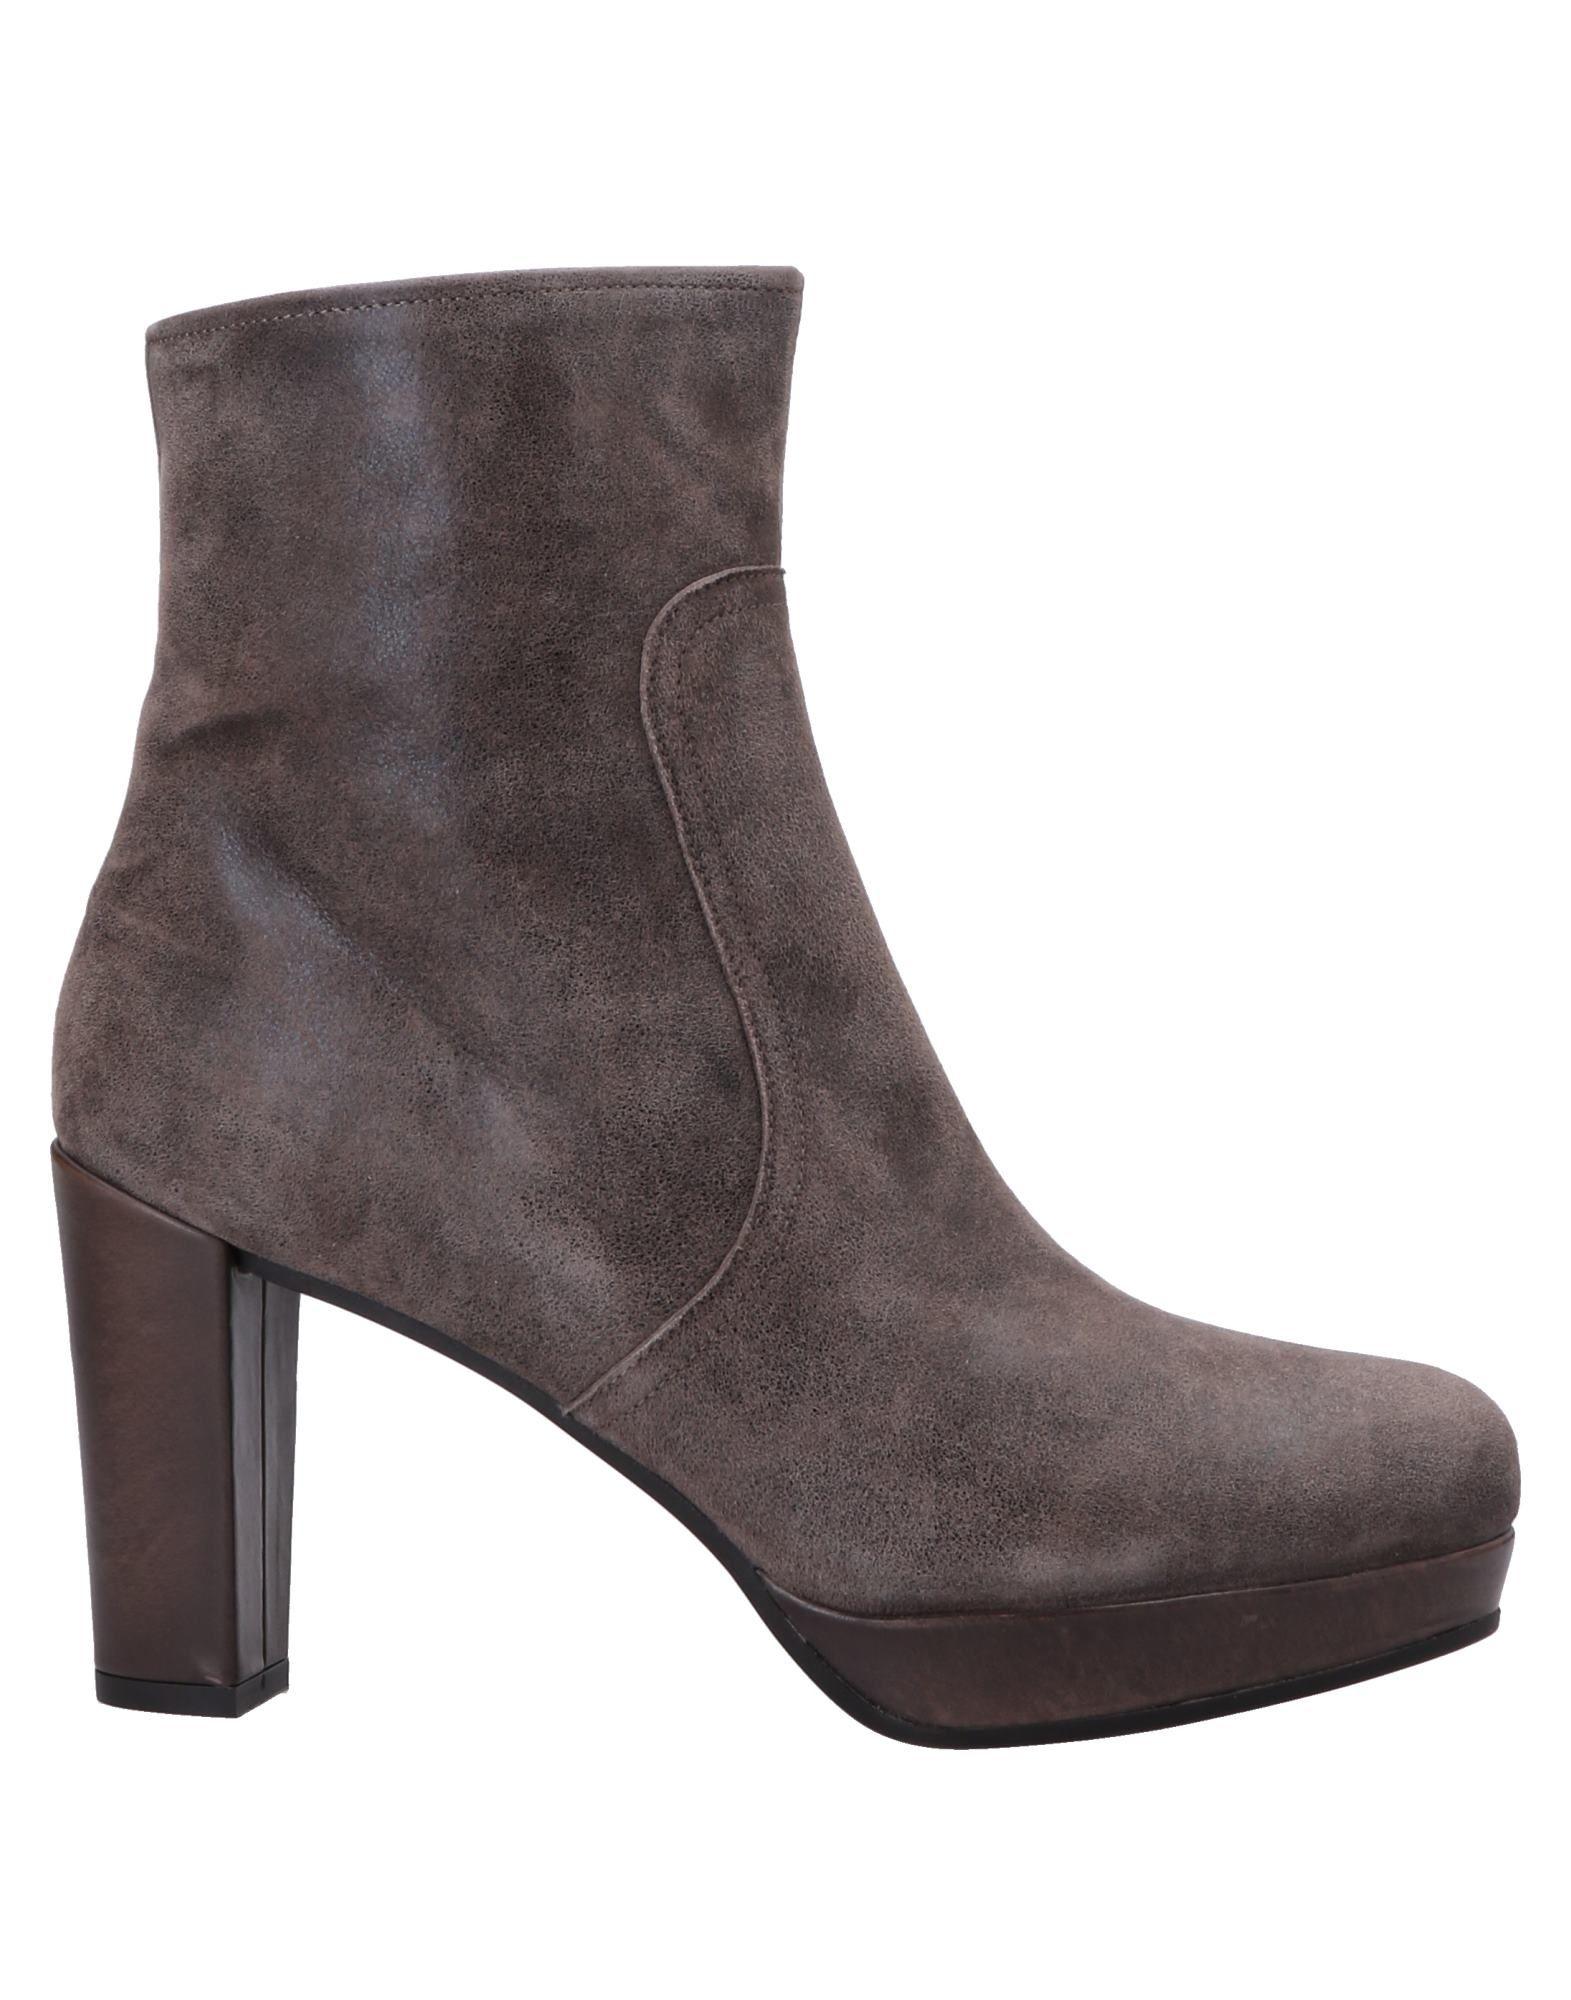 цены на C-DOUX Полусапоги и высокие ботинки  в интернет-магазинах